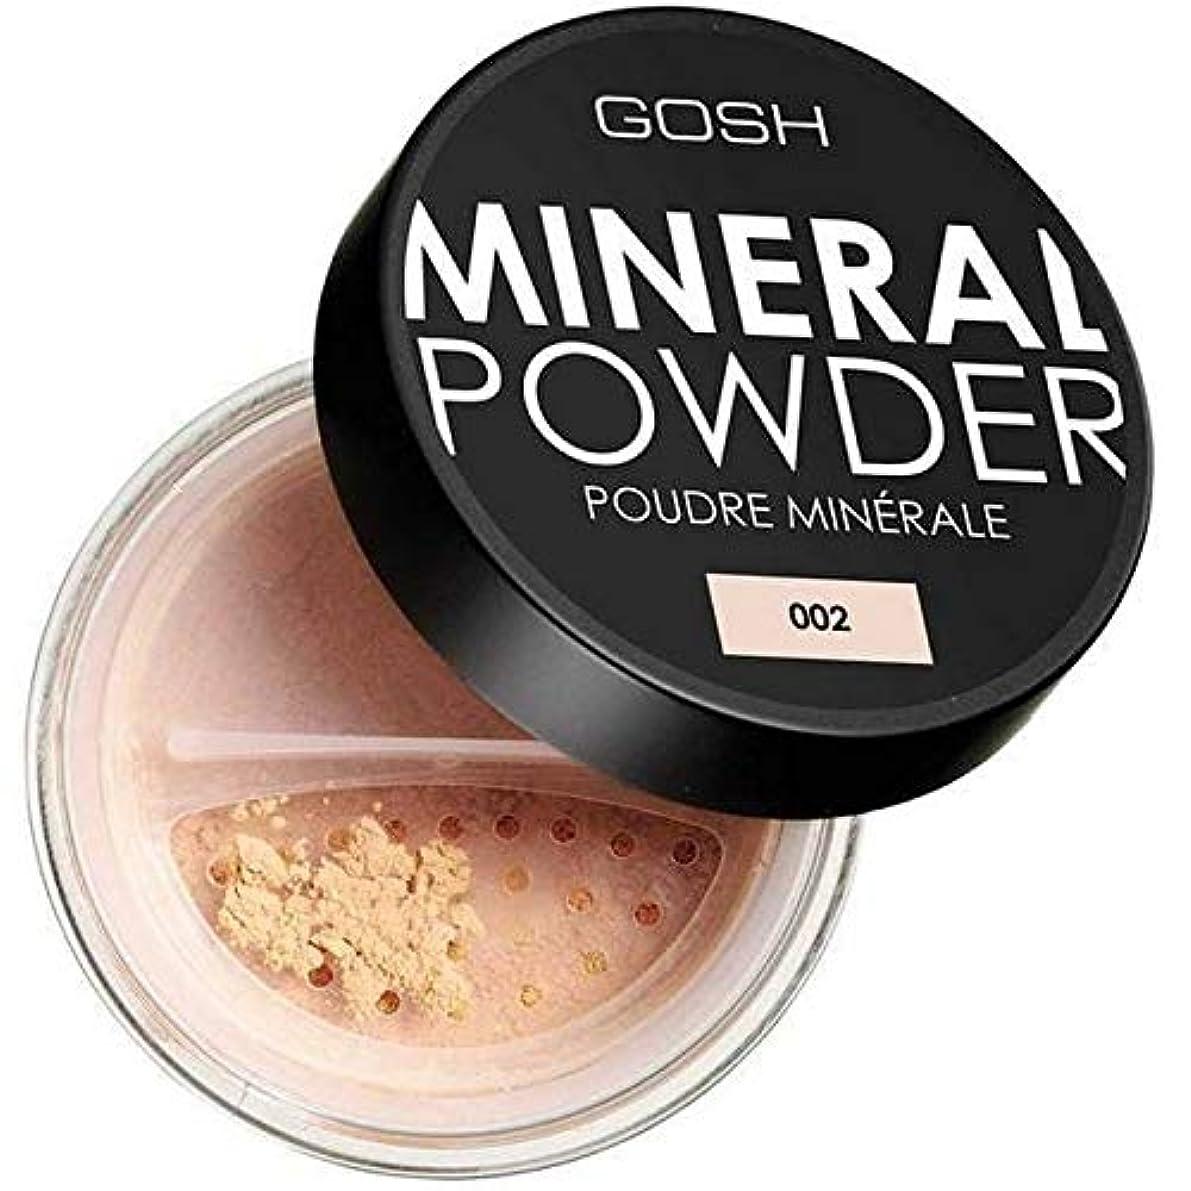 カーフ歩く親密な[GOSH ] おやっミネラルフルカバーファンデーションパウダーアイボリー002 - GOSH Mineral Full Coverage Foundation Powder Ivory 002 [並行輸入品]